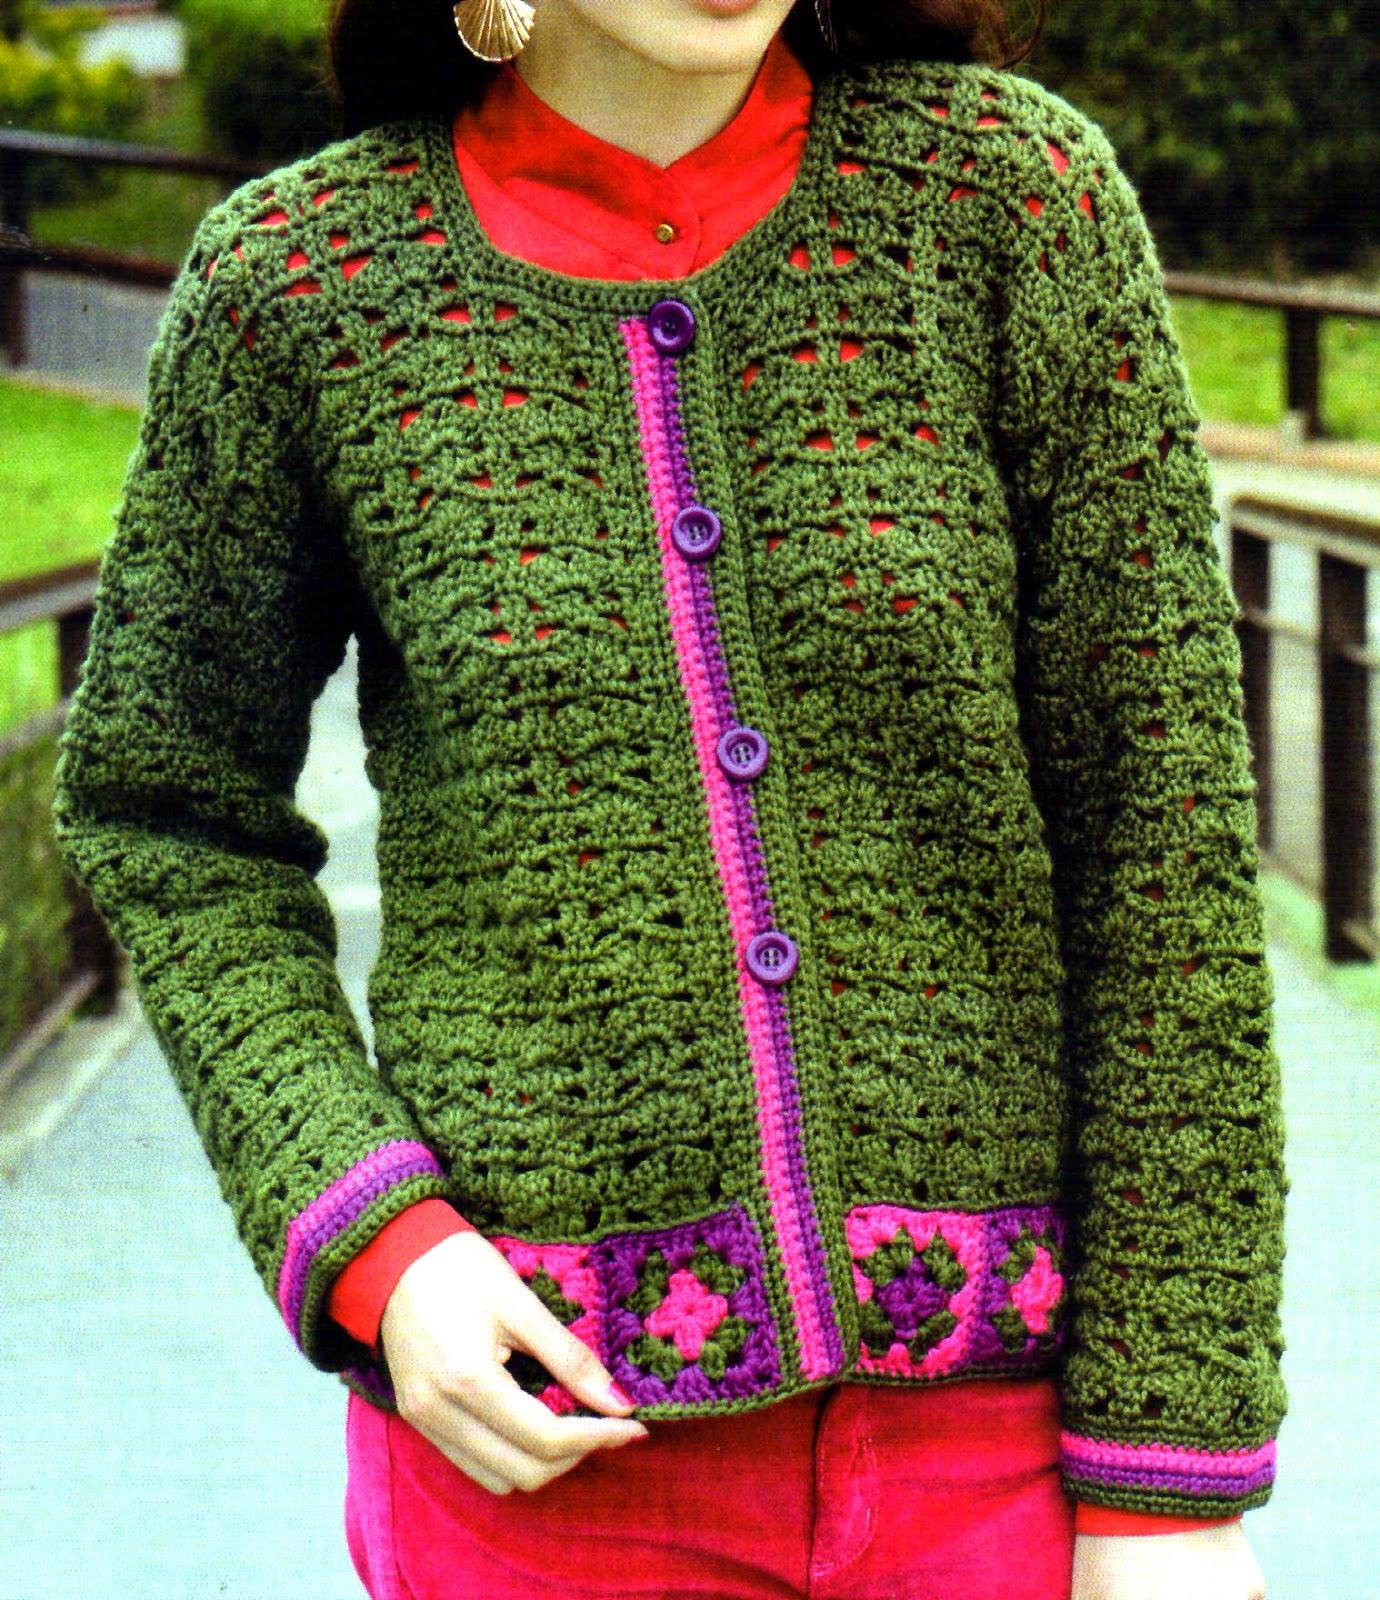 saco verde tejido al crochet con detalles de cuadrados